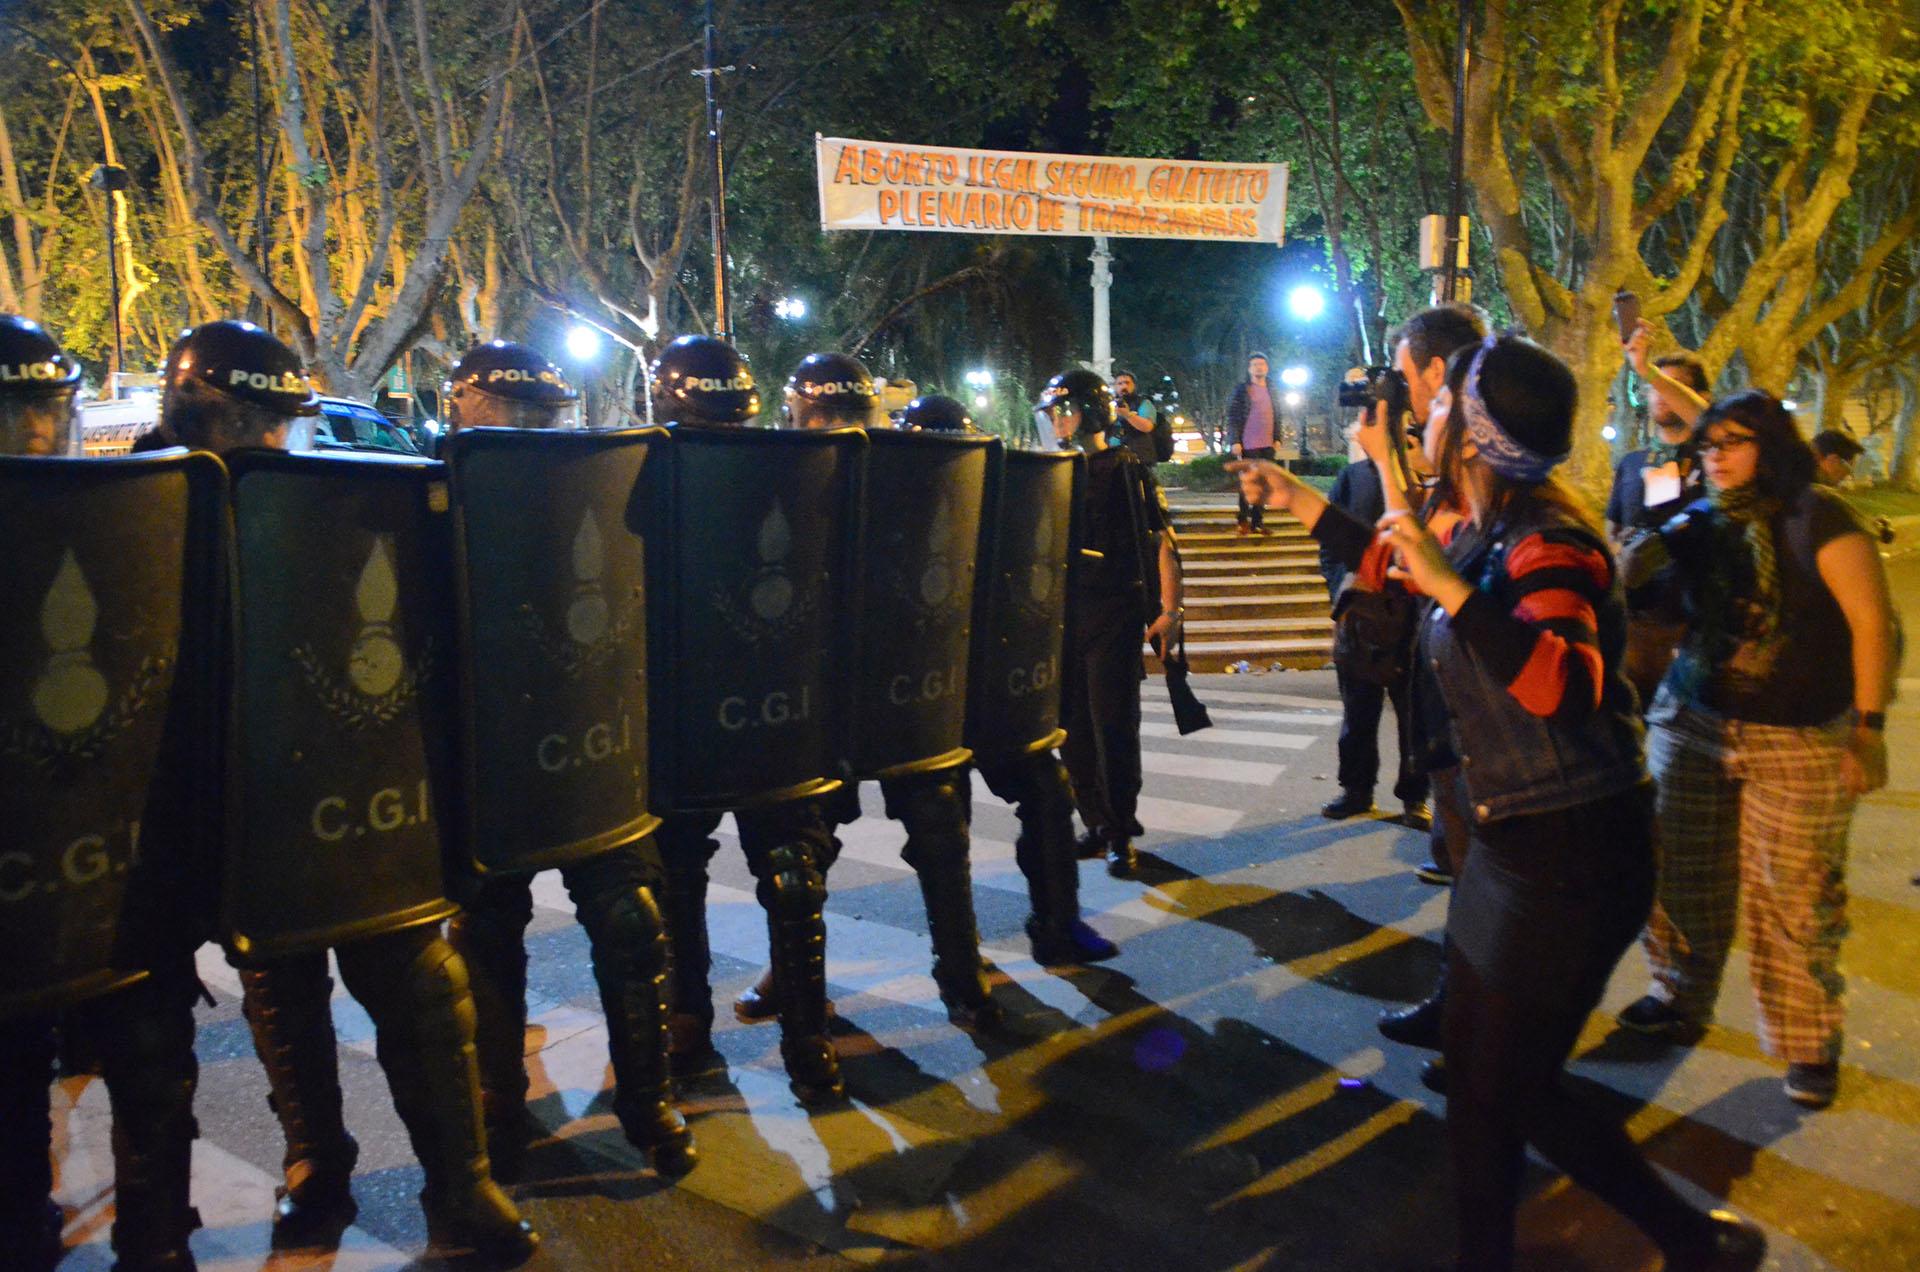 Los disturbios se iniciaron en cercanías de la Catedral